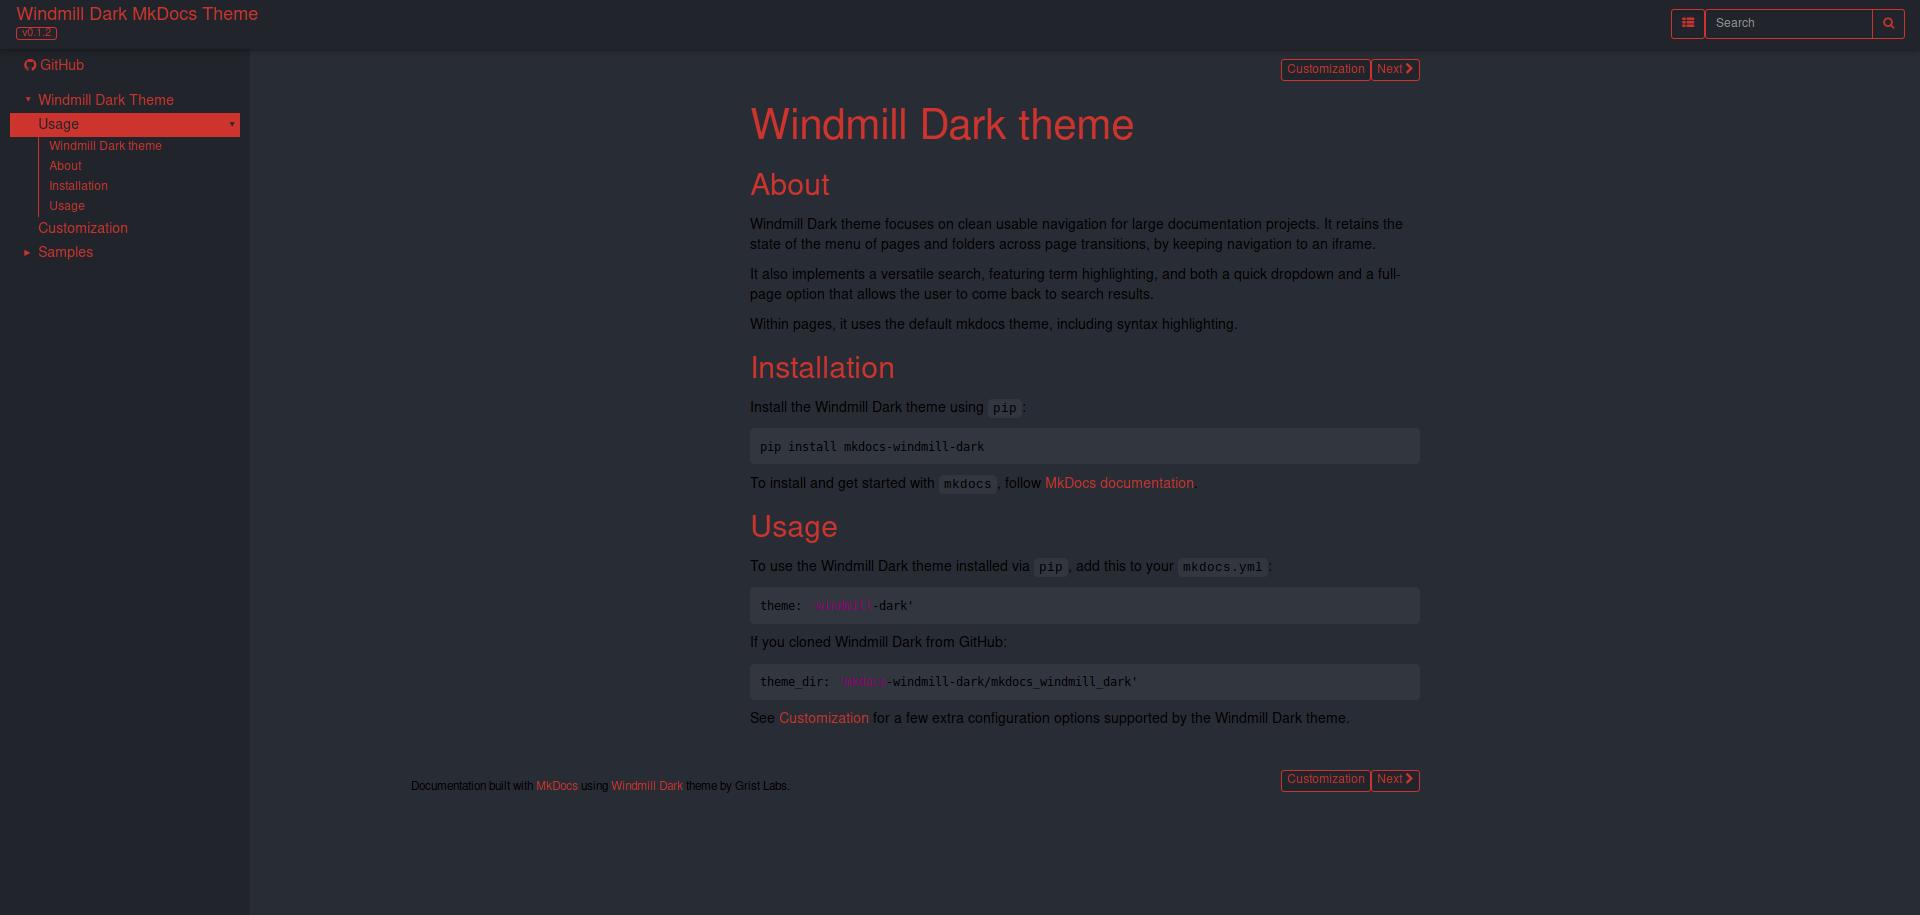 MkDocs Windmill Dark